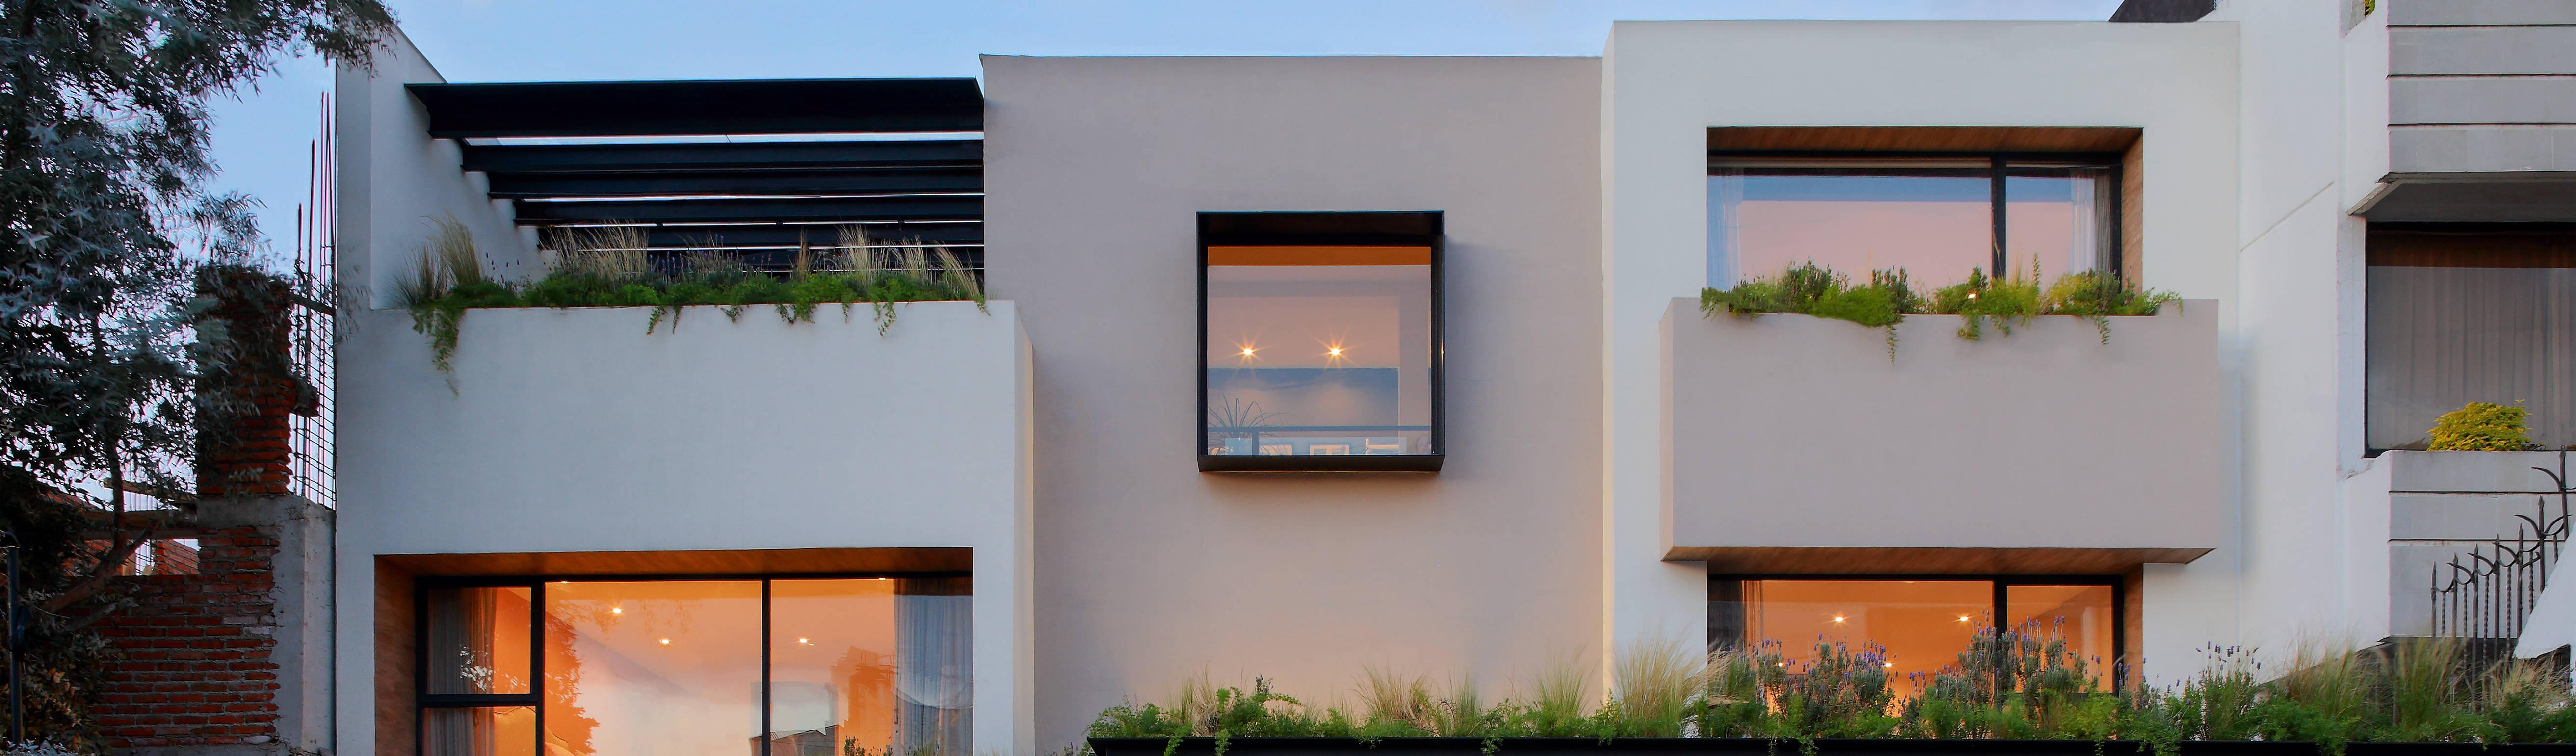 PAIR Arquitectura